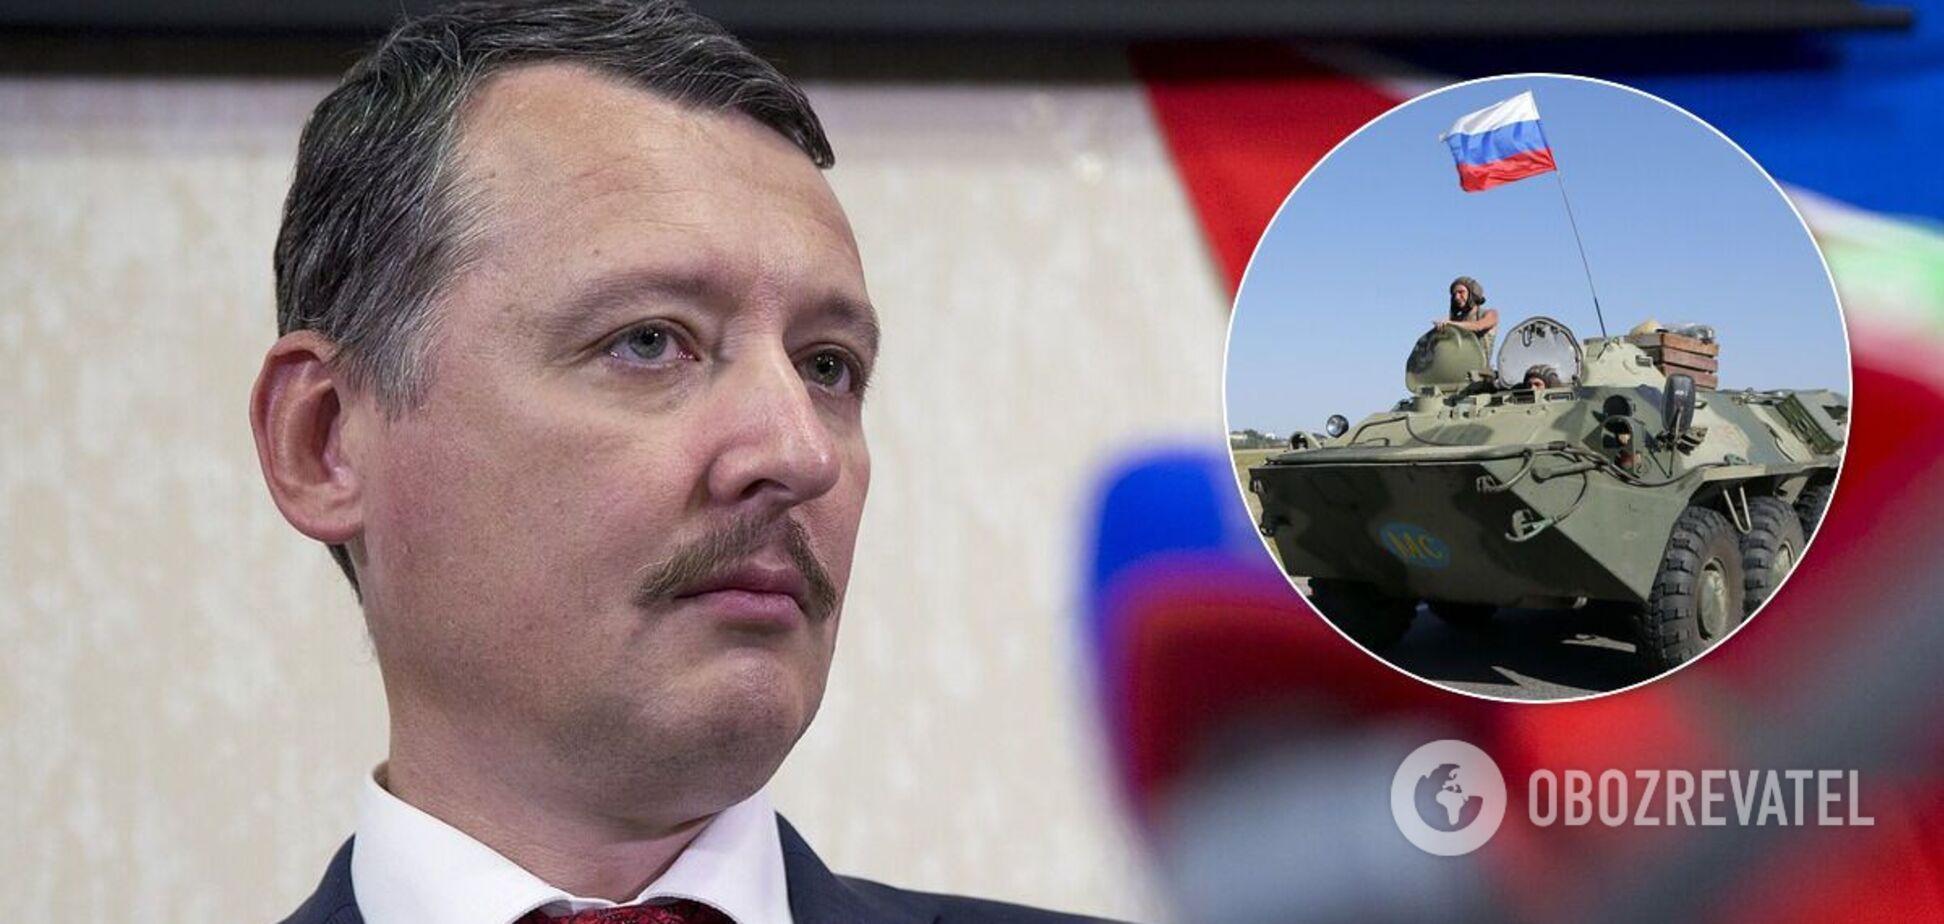 Гиркин признался, как Россия спасла 'Л/ДНР' от поражения на Донбассе в 2014 году